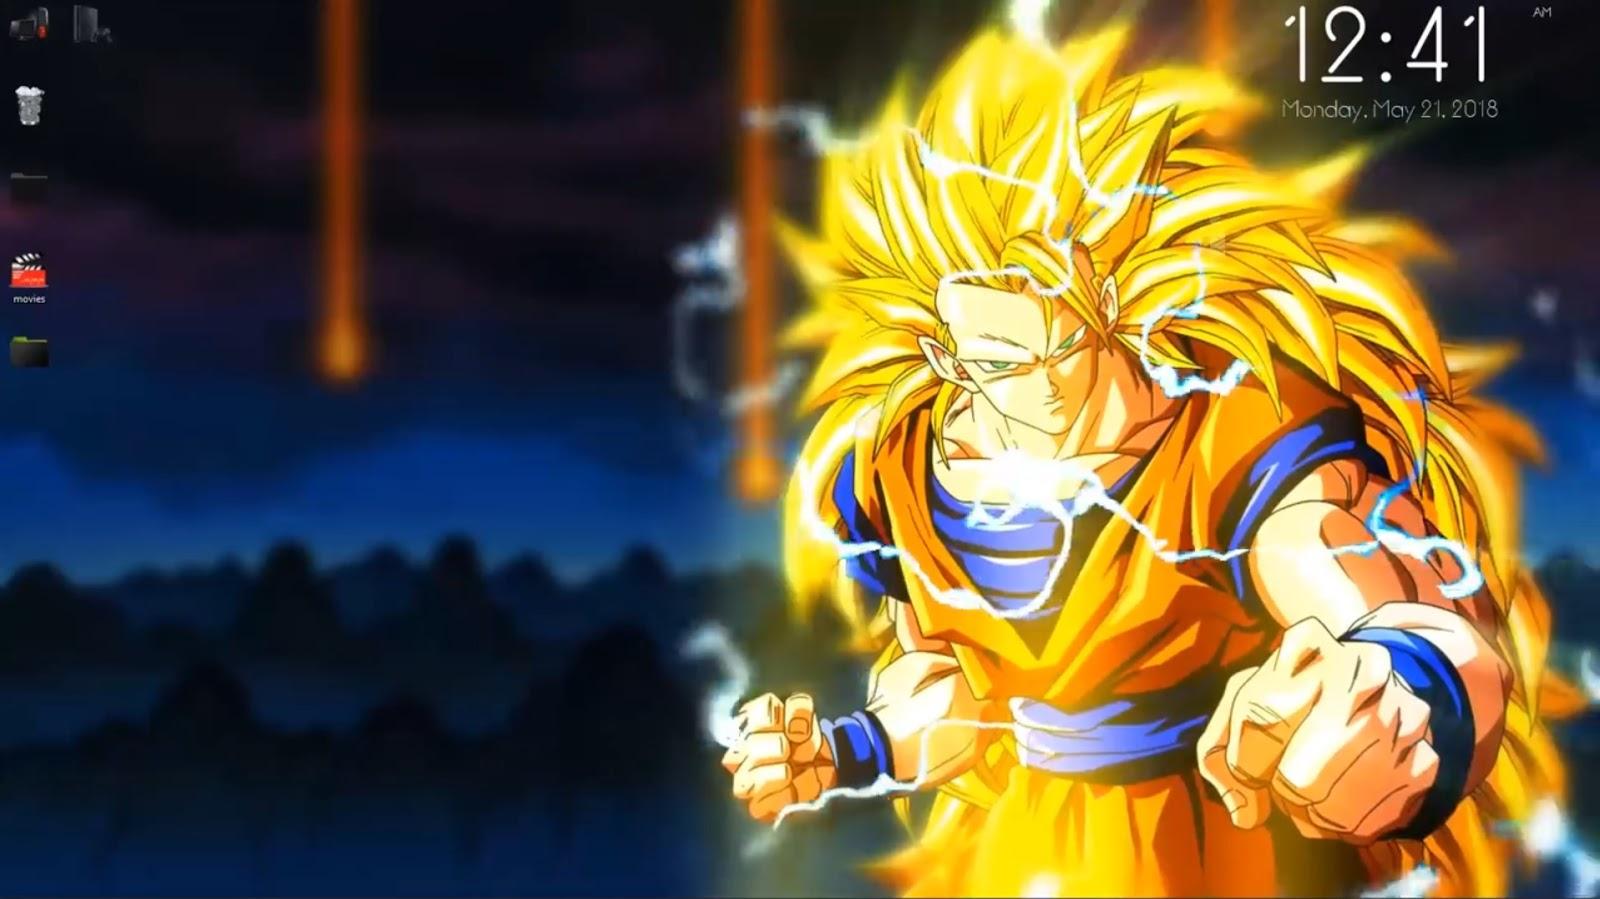 Dragon Ball Z Sangoku Super Saiyan 3 Live Wallpaper Free Download